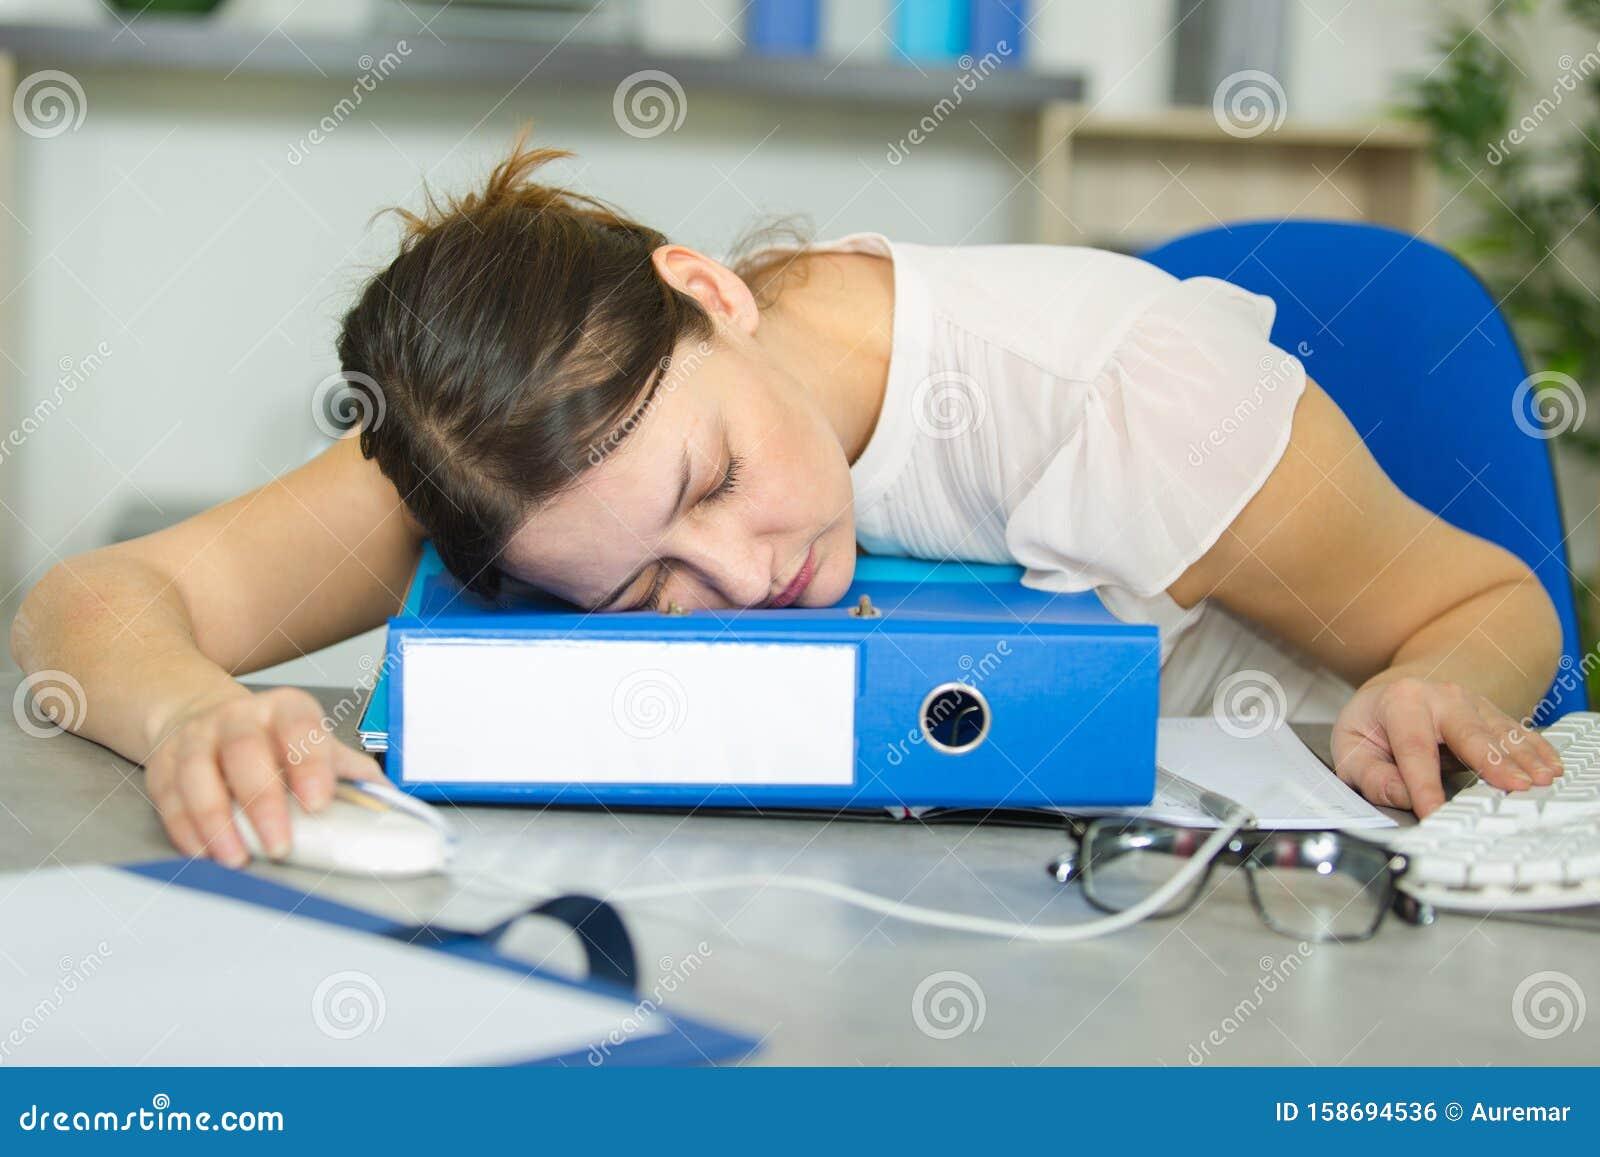 Фото девушка спит на работе саратов работа для студентов девушек